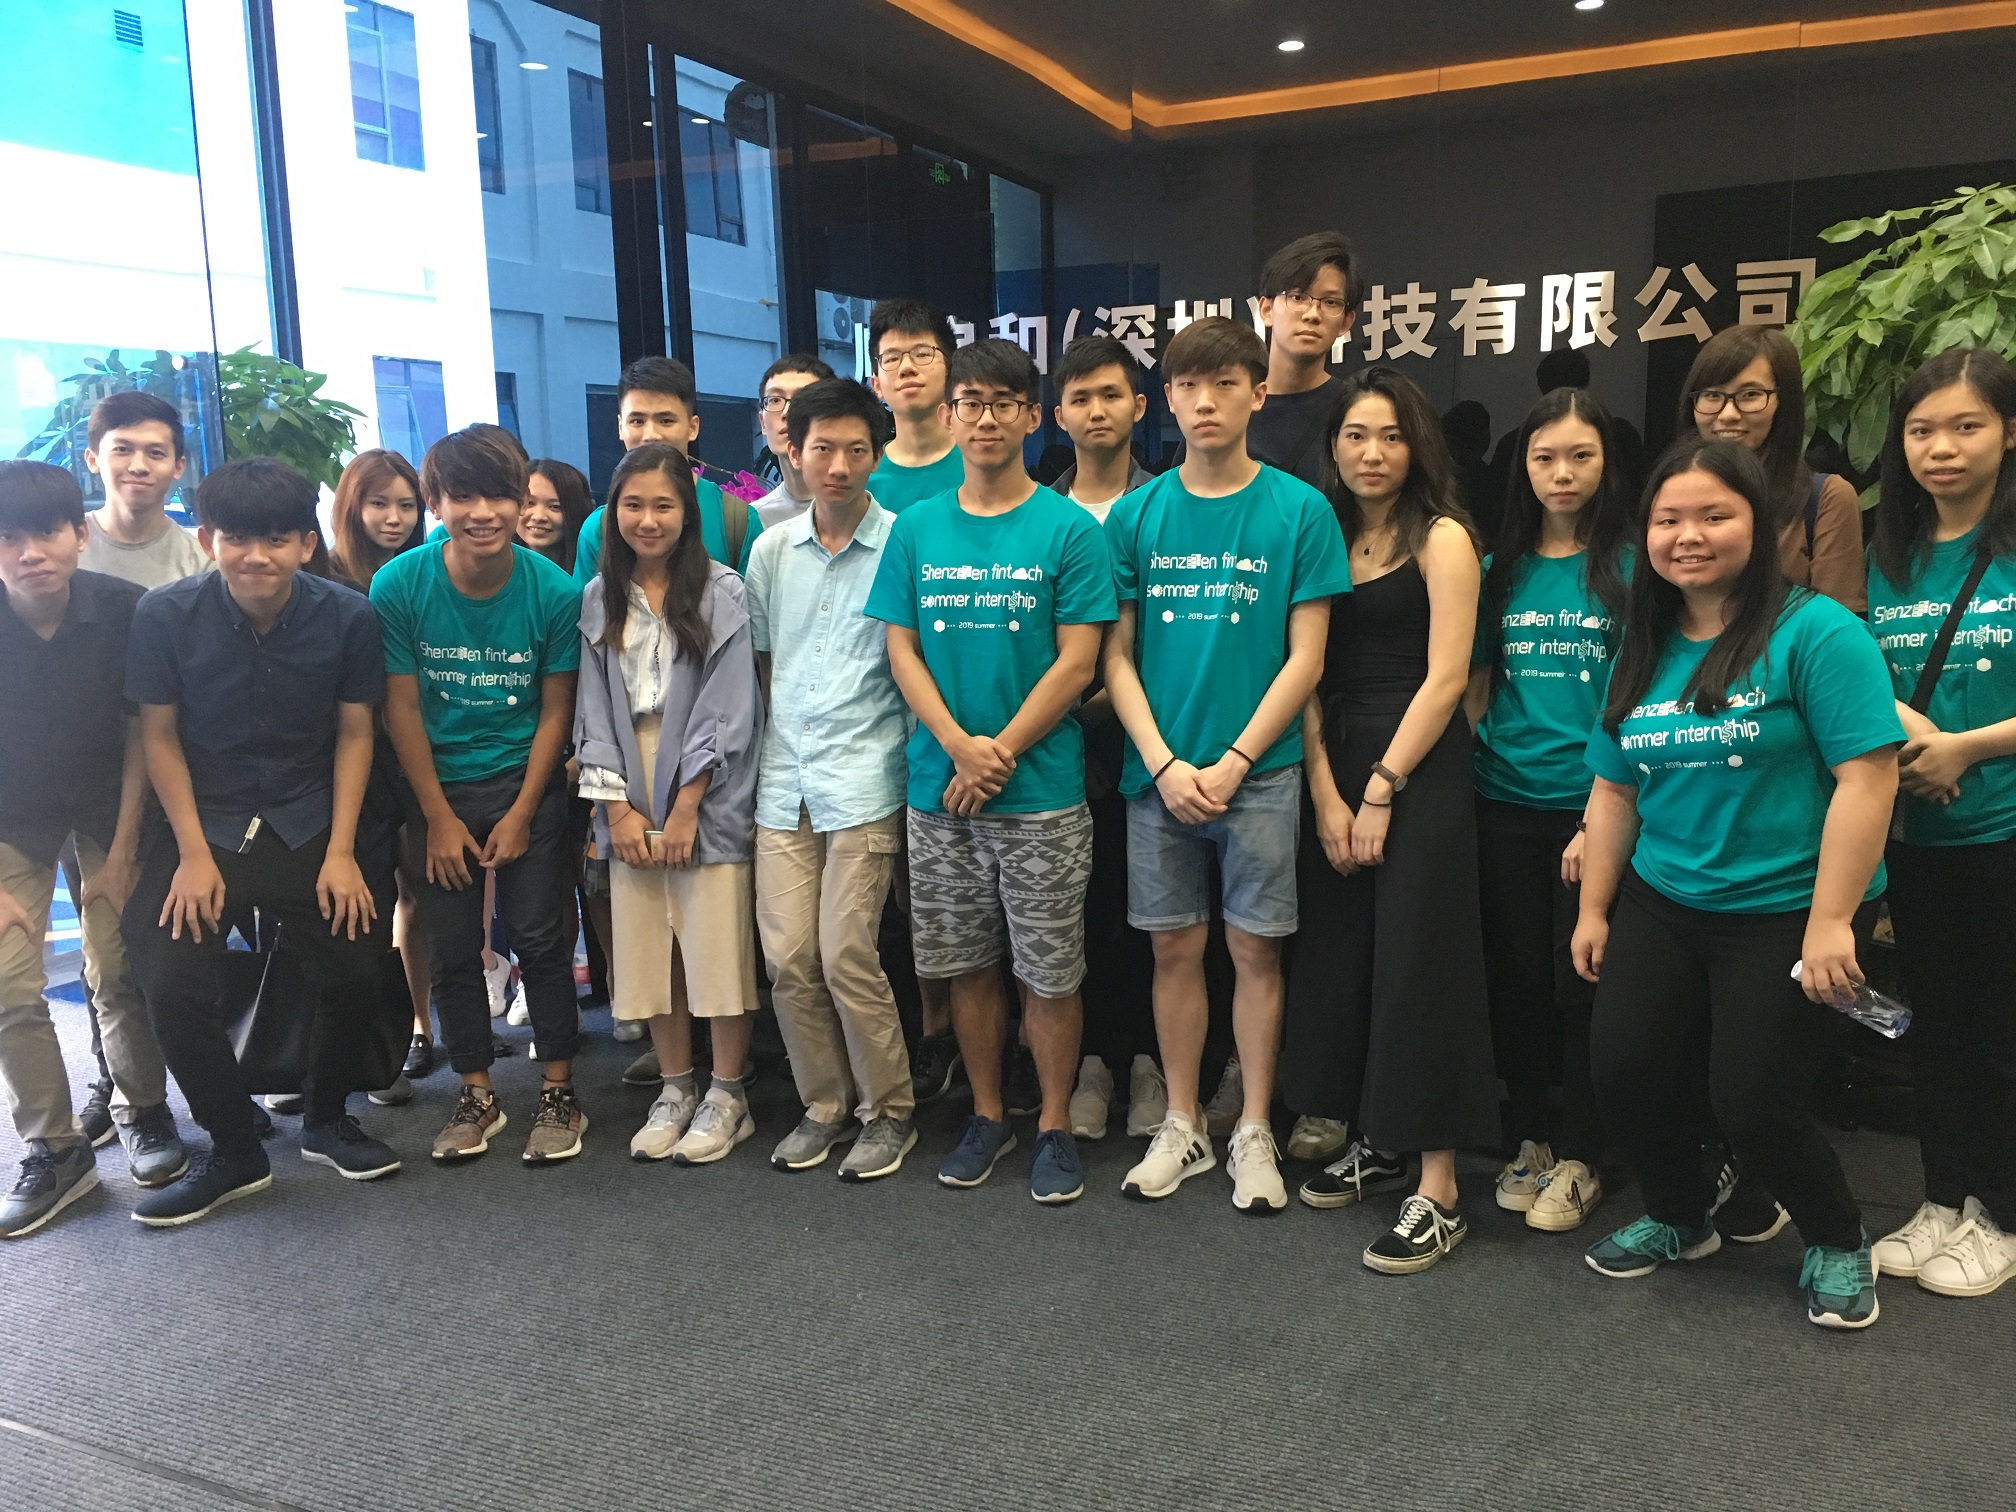 2019 Shenzhen FinTech Internship Programme: SF Express Visit and Dialogue with Wang Wei